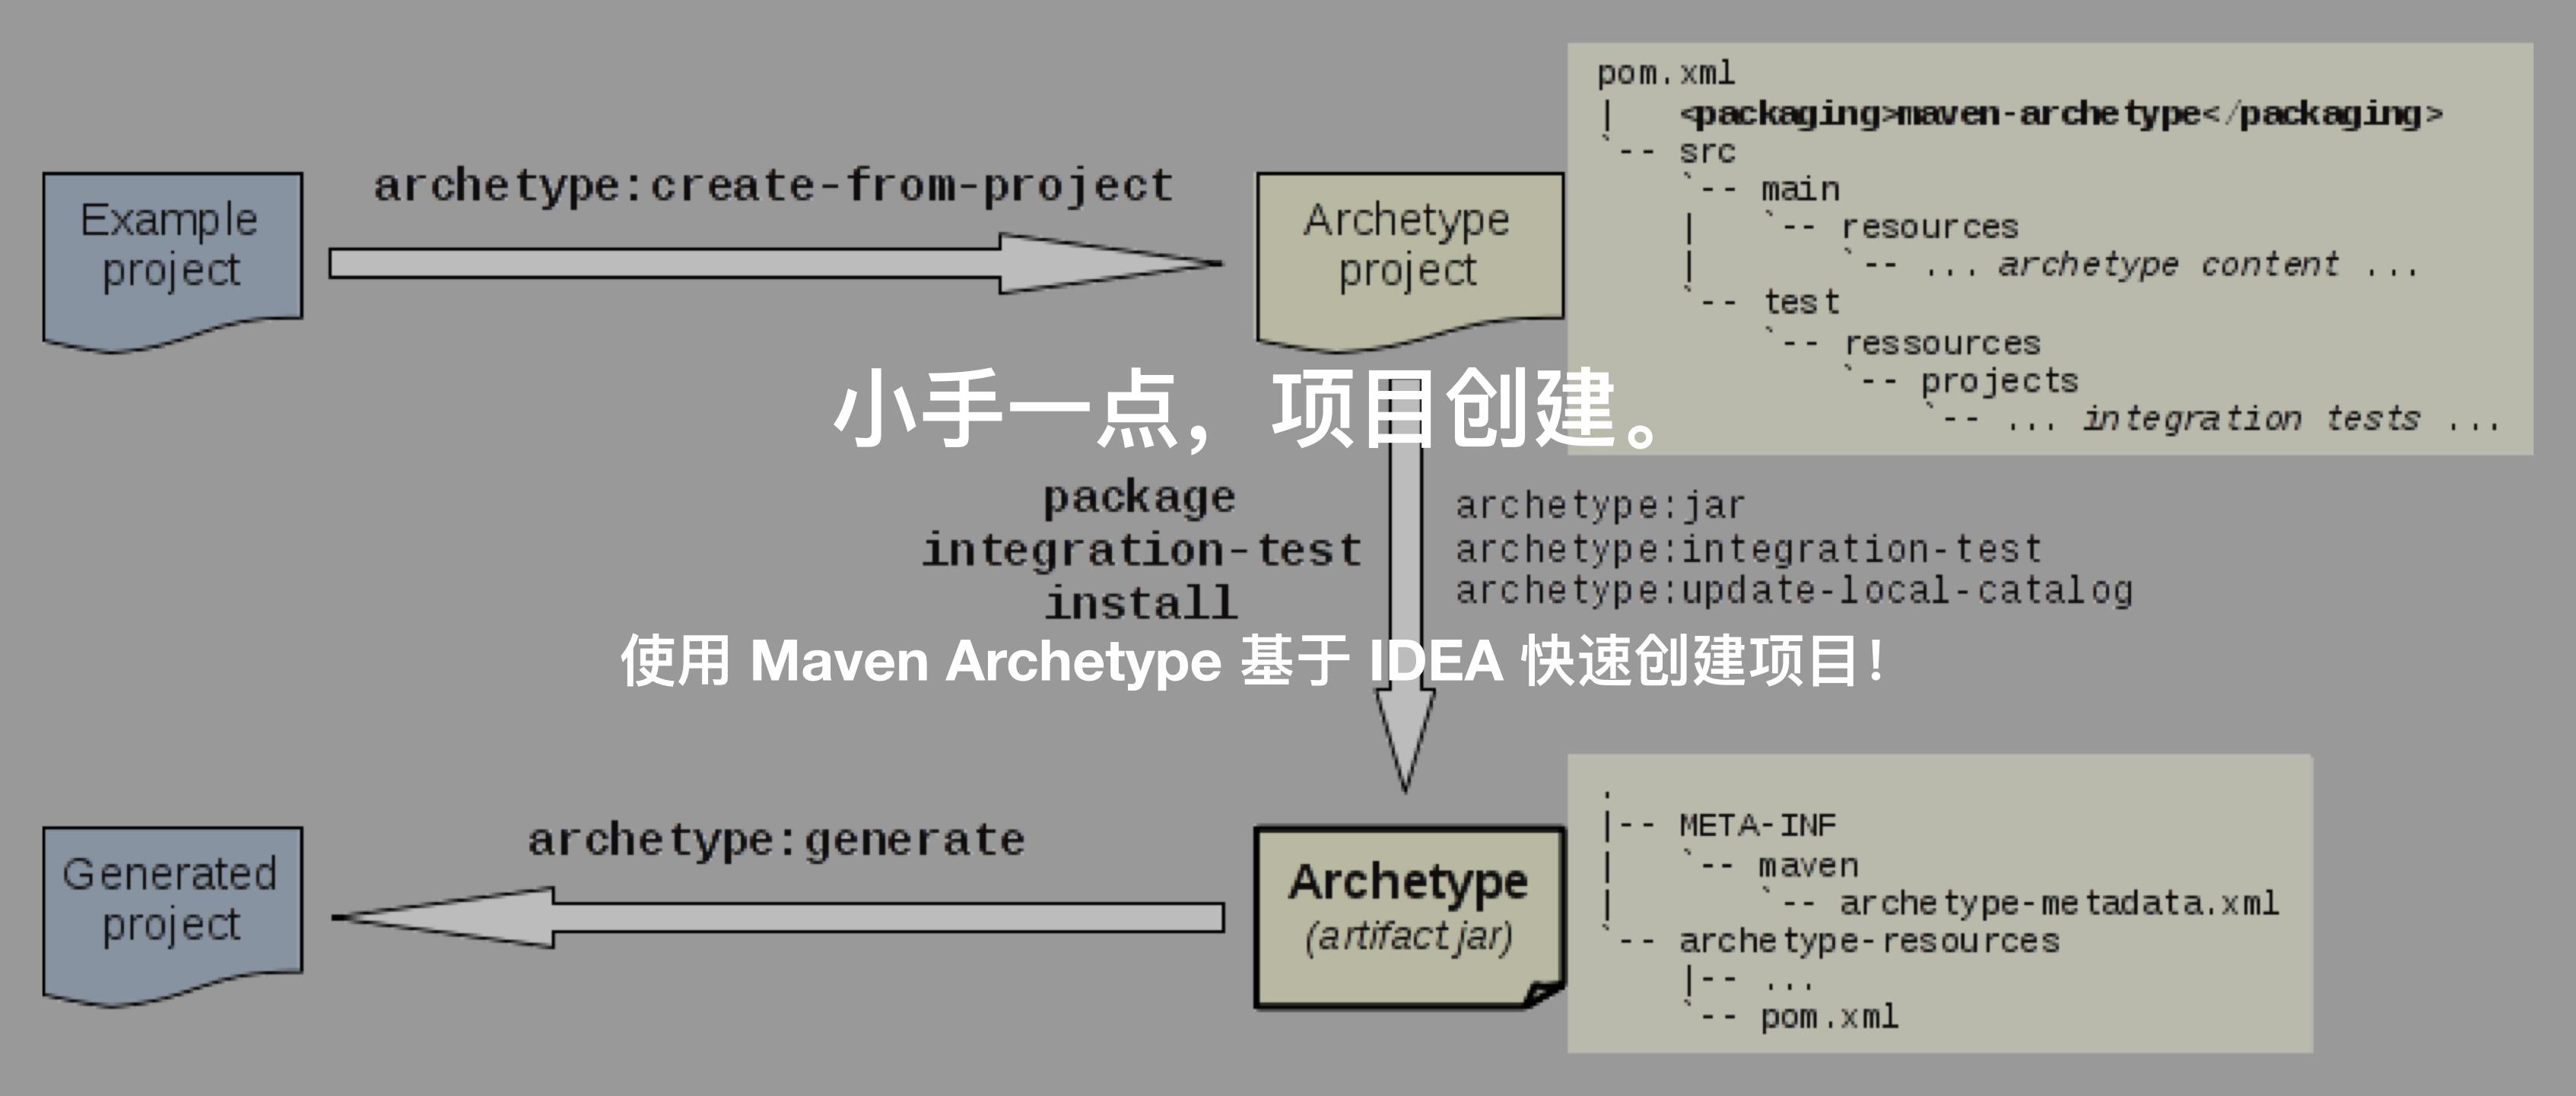 老大说新项目的结构和 xxx 项目一样就可以了,我 ……